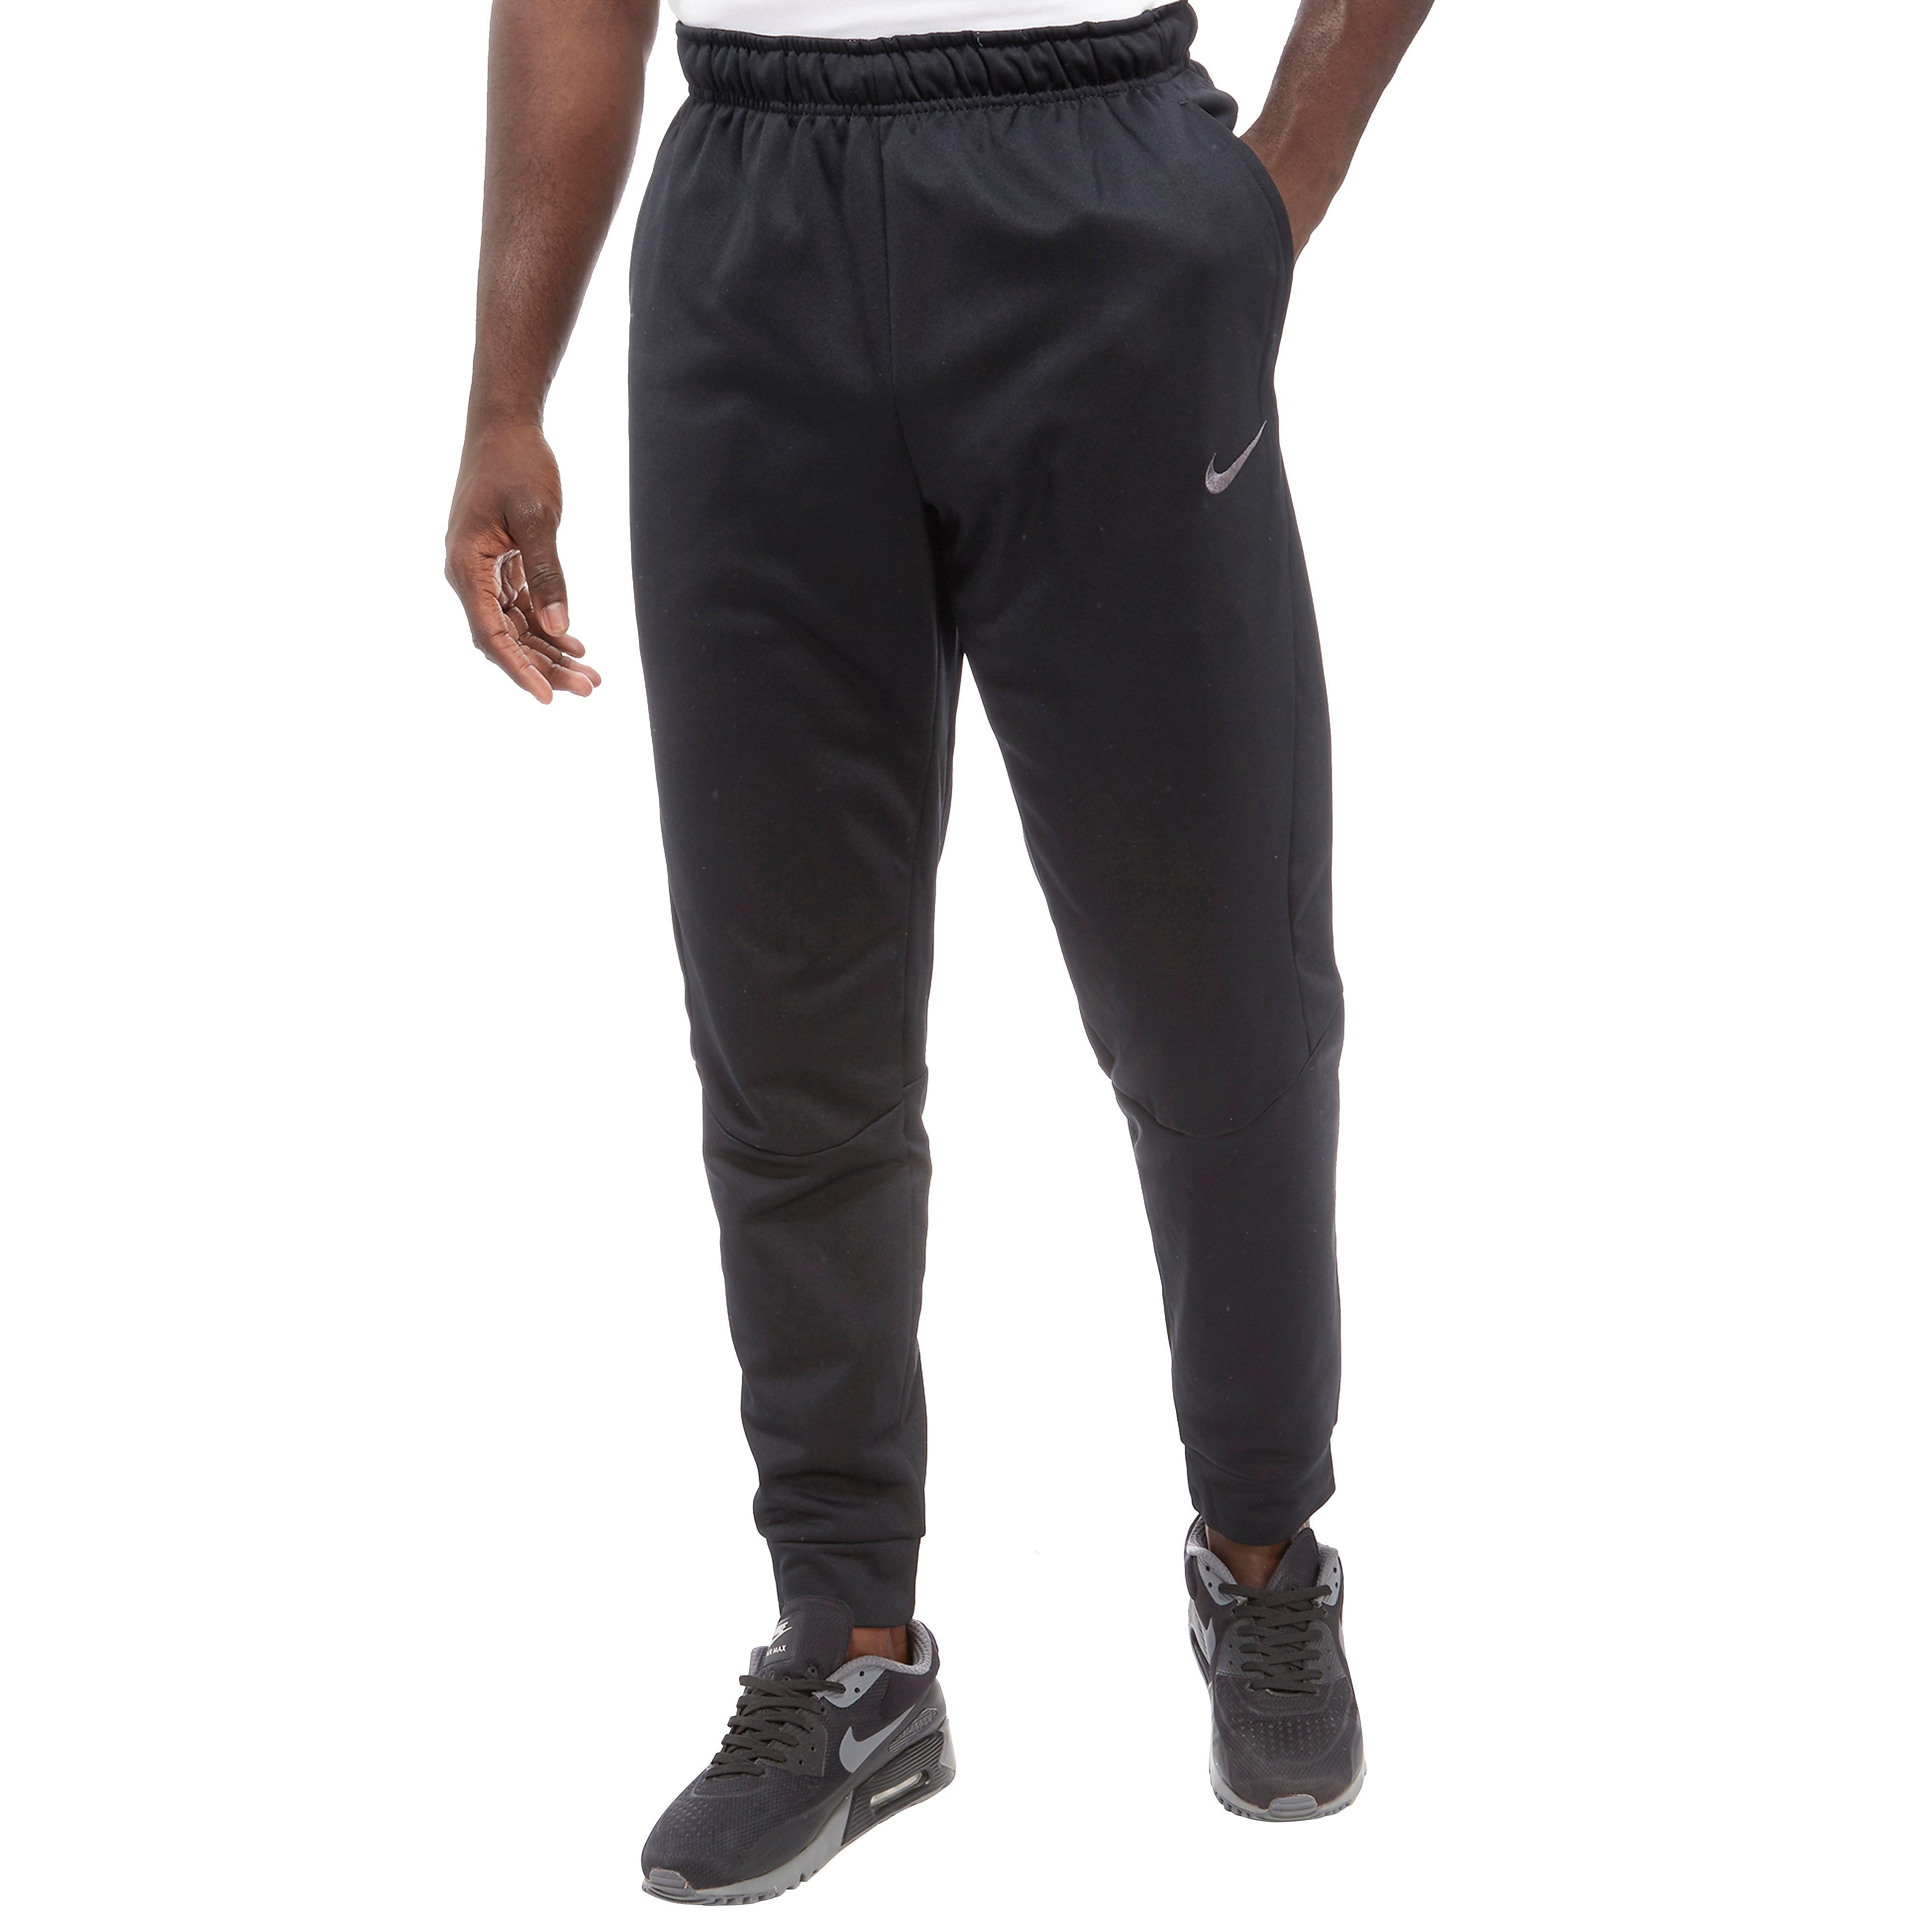 Nike Train Poly Men's Pants